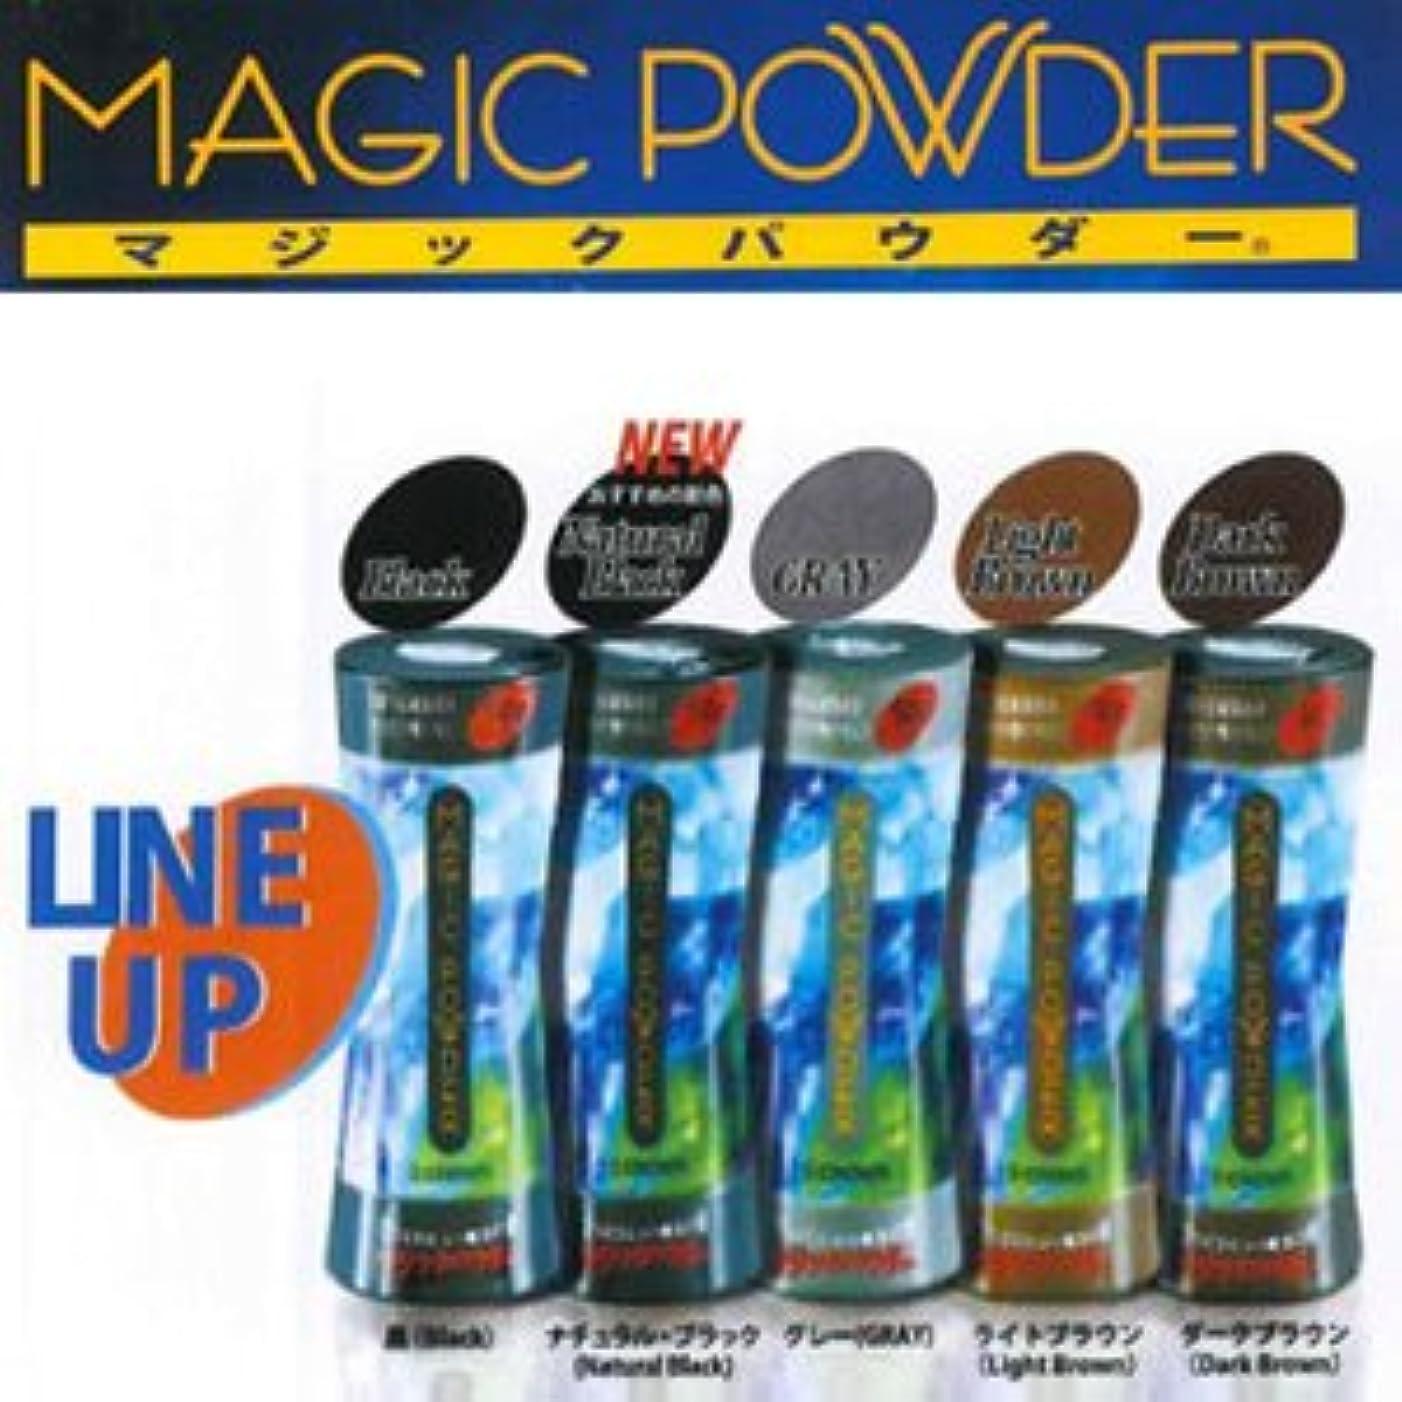 うめき観客崖MAGIC POWDER マジックパウダー ブラック 50g  ※貴方の髪を簡単ボリュームアップ!